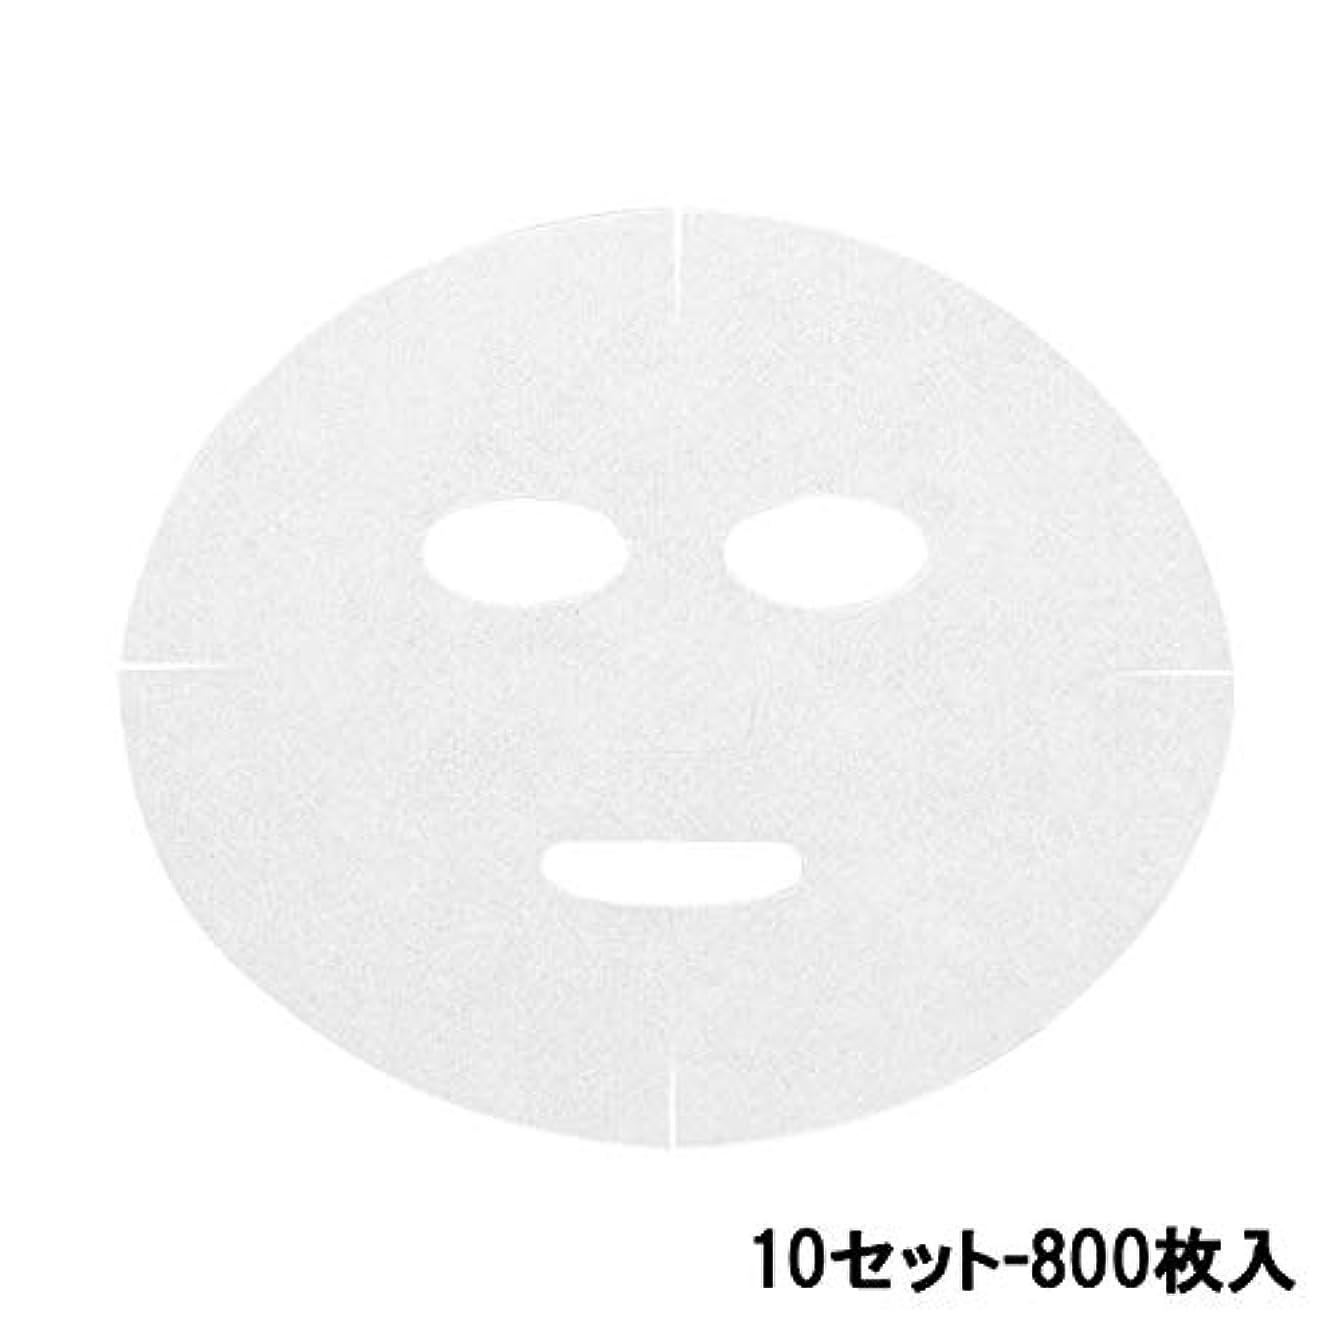 水銀の致命的な含む高保水 フェイシャルシート (マスクタイプ 化粧水無) 80枚 24×20cm (10セット-800枚入) [ フェイスマスク フェイスシート フェイスパック フェイシャルマスク シートマスク フェイシャルシート フェイシャルパック...